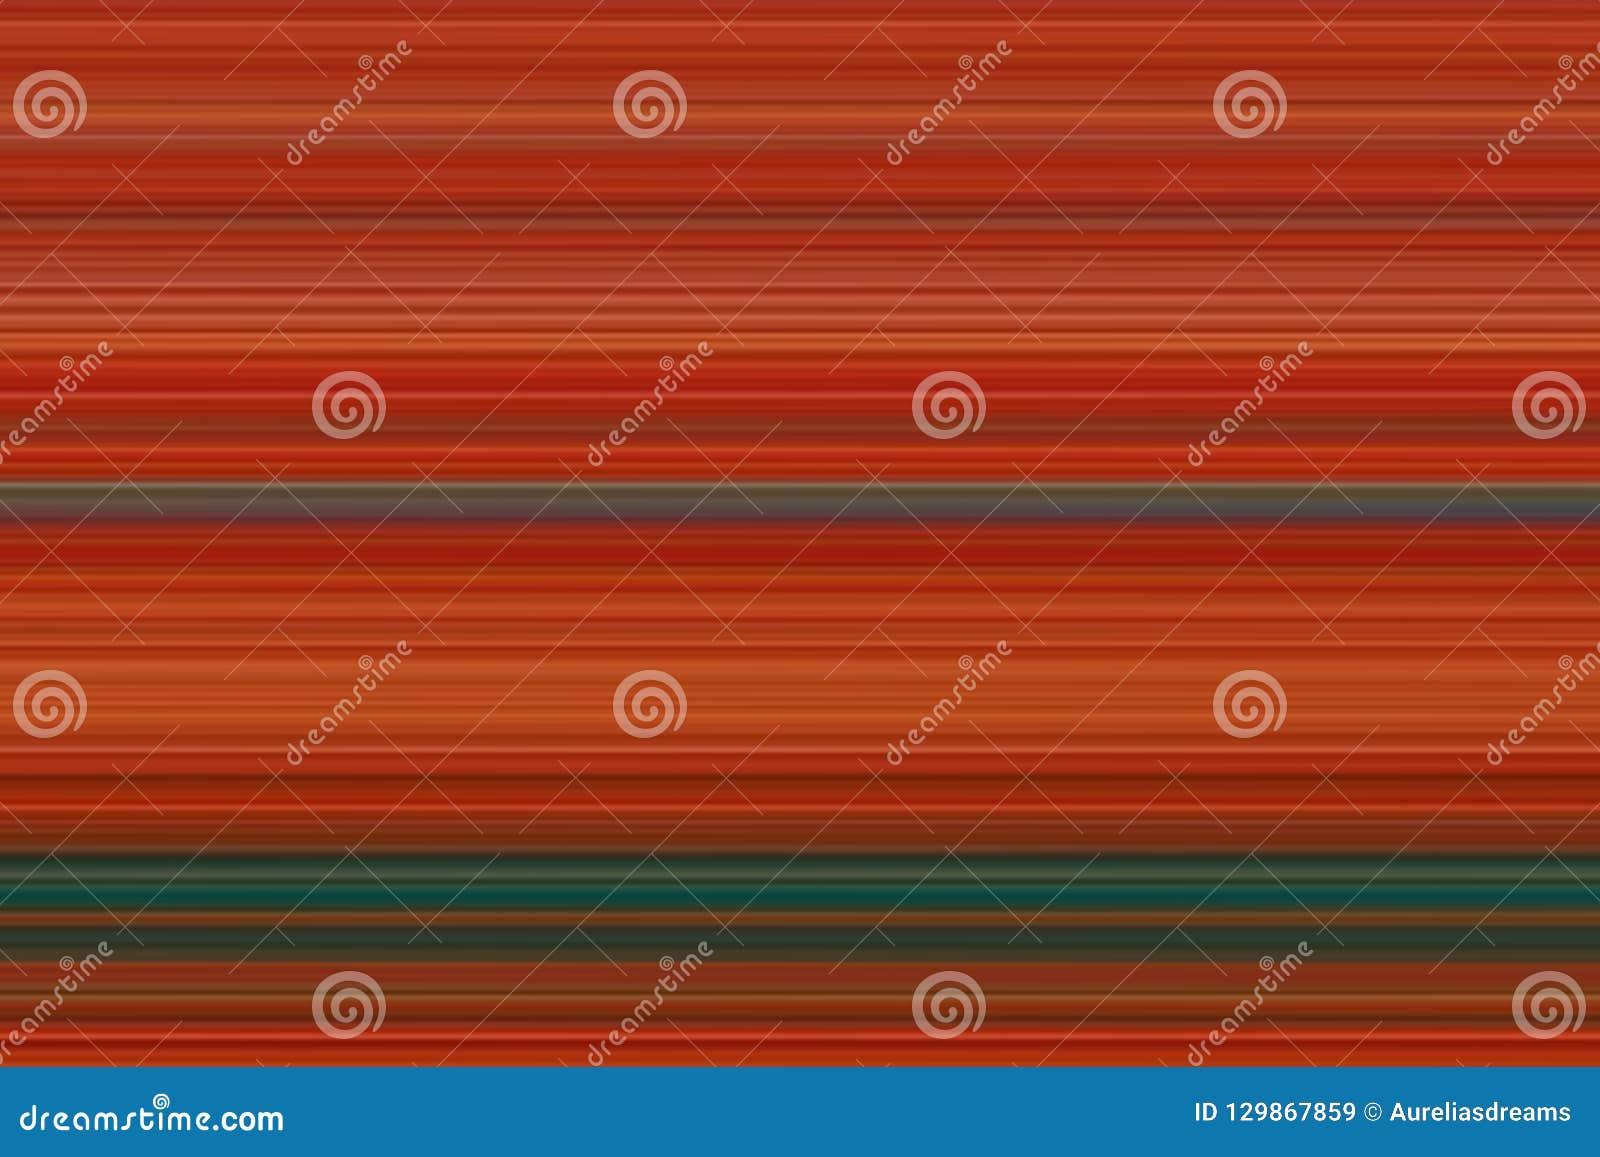 Lineas horizontales brillantes fondo, textura del extracto olorful del ¡de Ð en tonos rojos y verdes